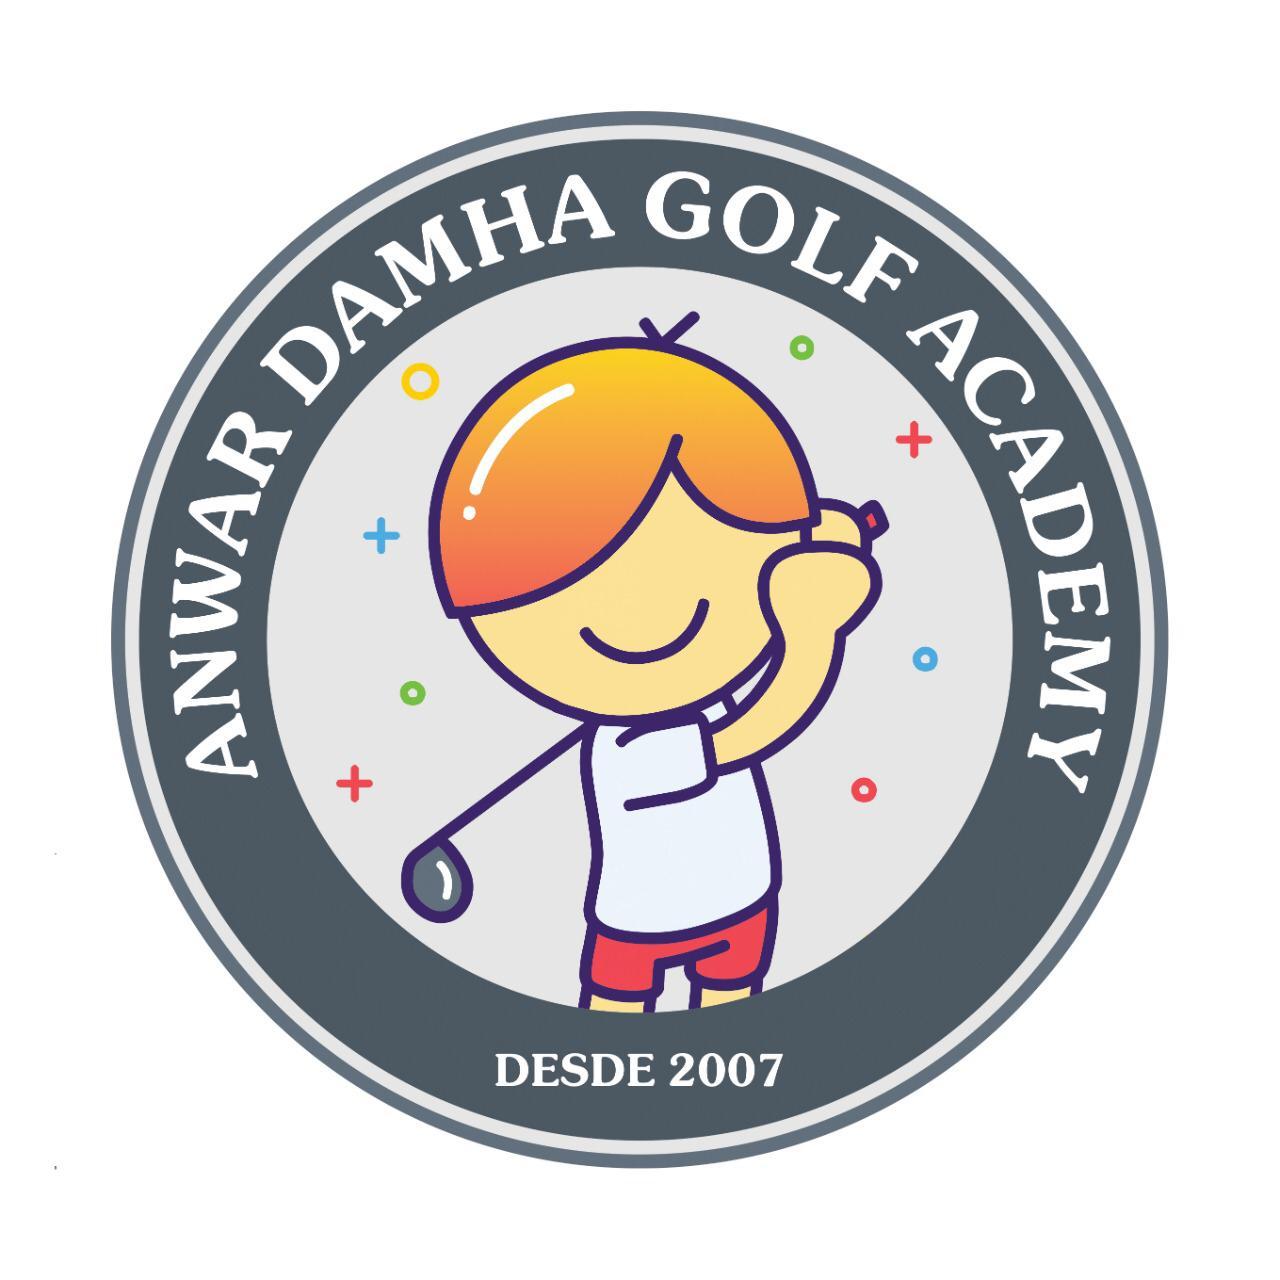 arrienda cancha en Damha Golf